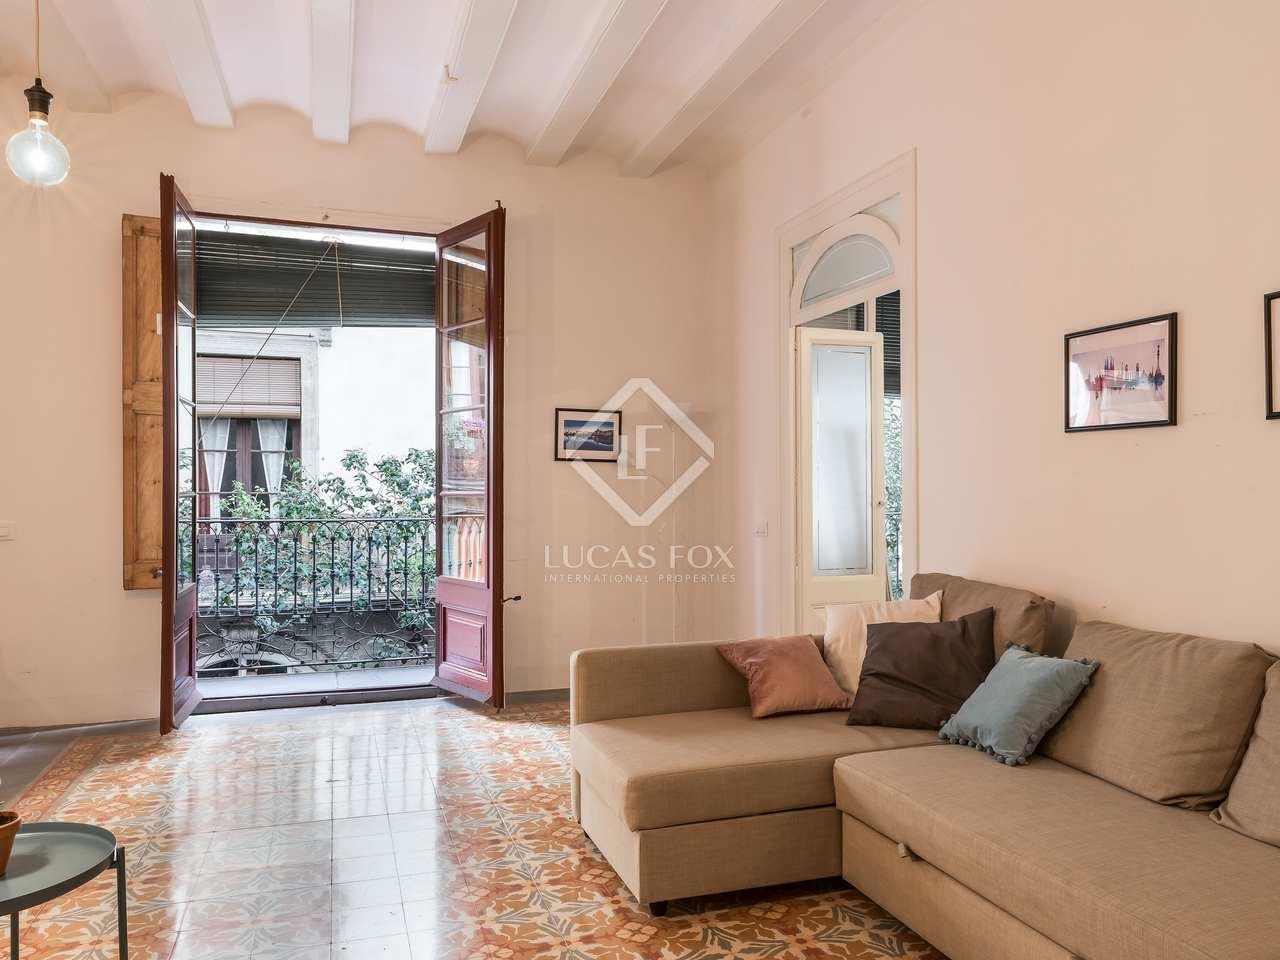 Piso de 110m con una terraza de 50m en venta en el g tico - Pisos para una persona madrid ...